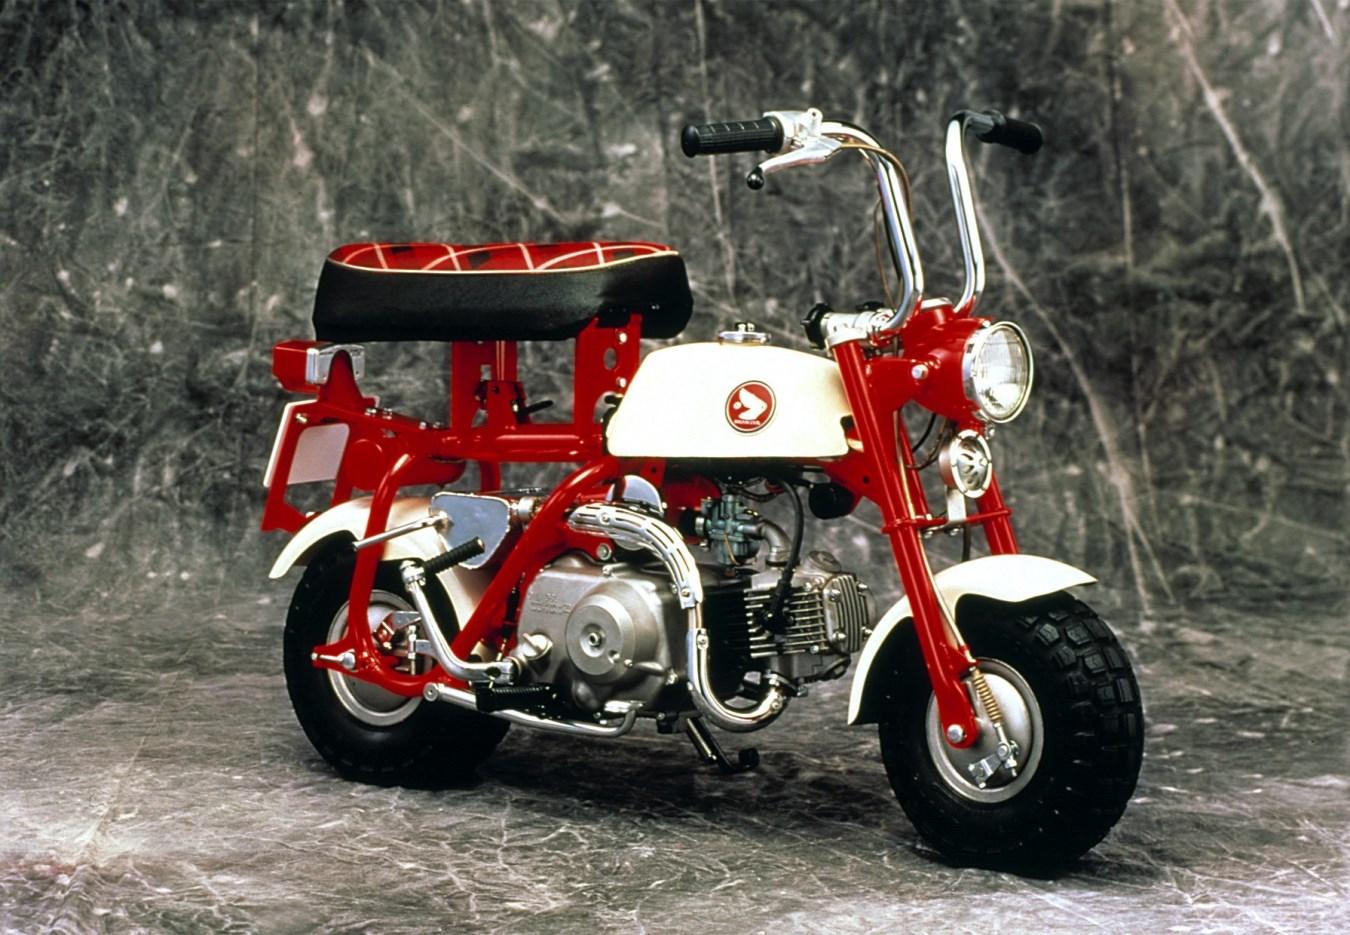 1967 - ה-Z50M עם מושב מתקפל והתאמה לתא מטען של מכונית